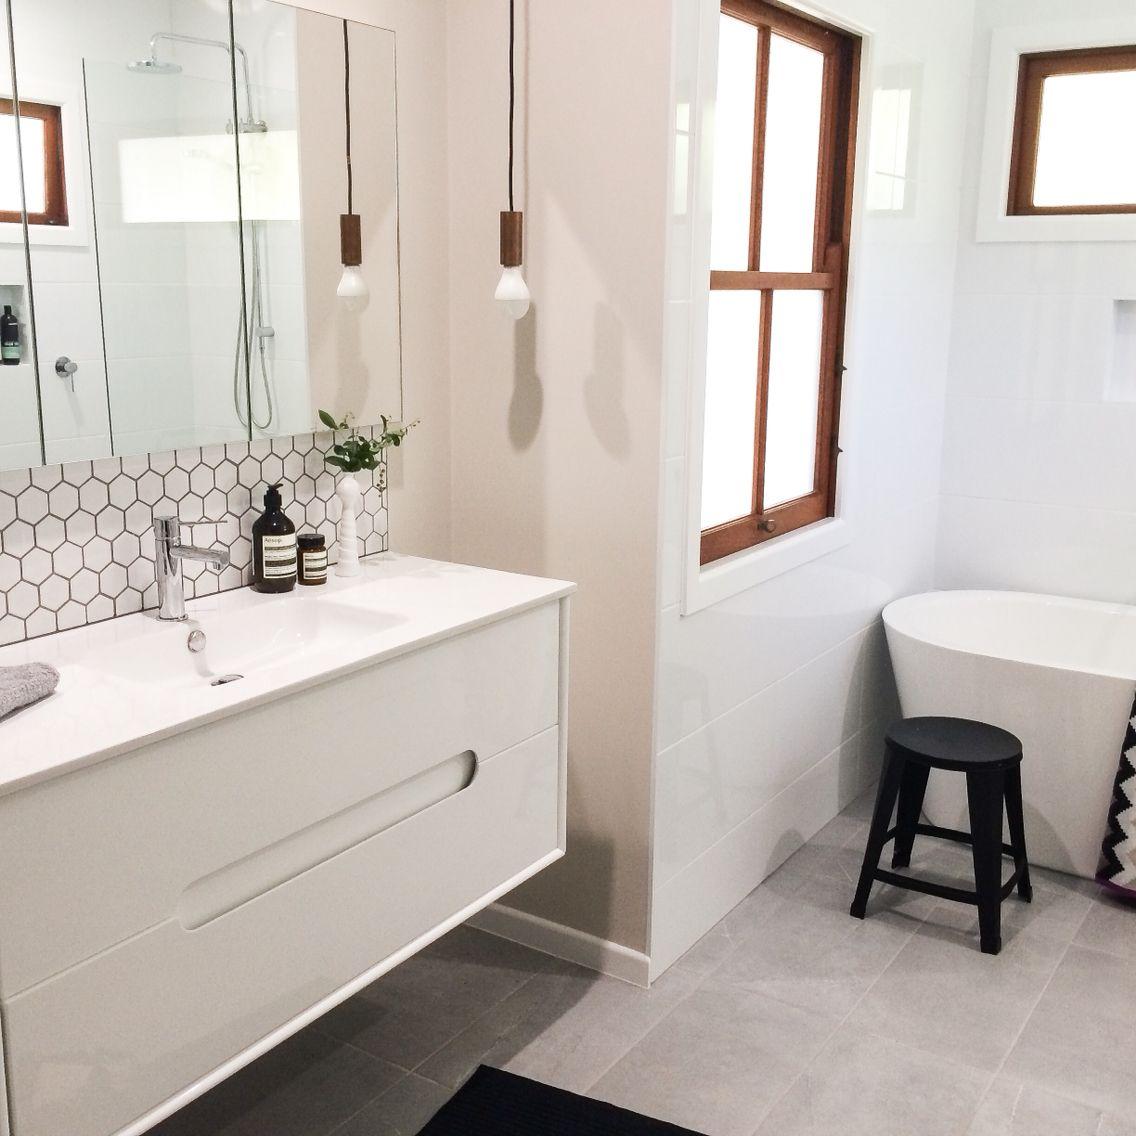 Modern retro bathroom • hexagonal tiles @Beaumont splashback ...